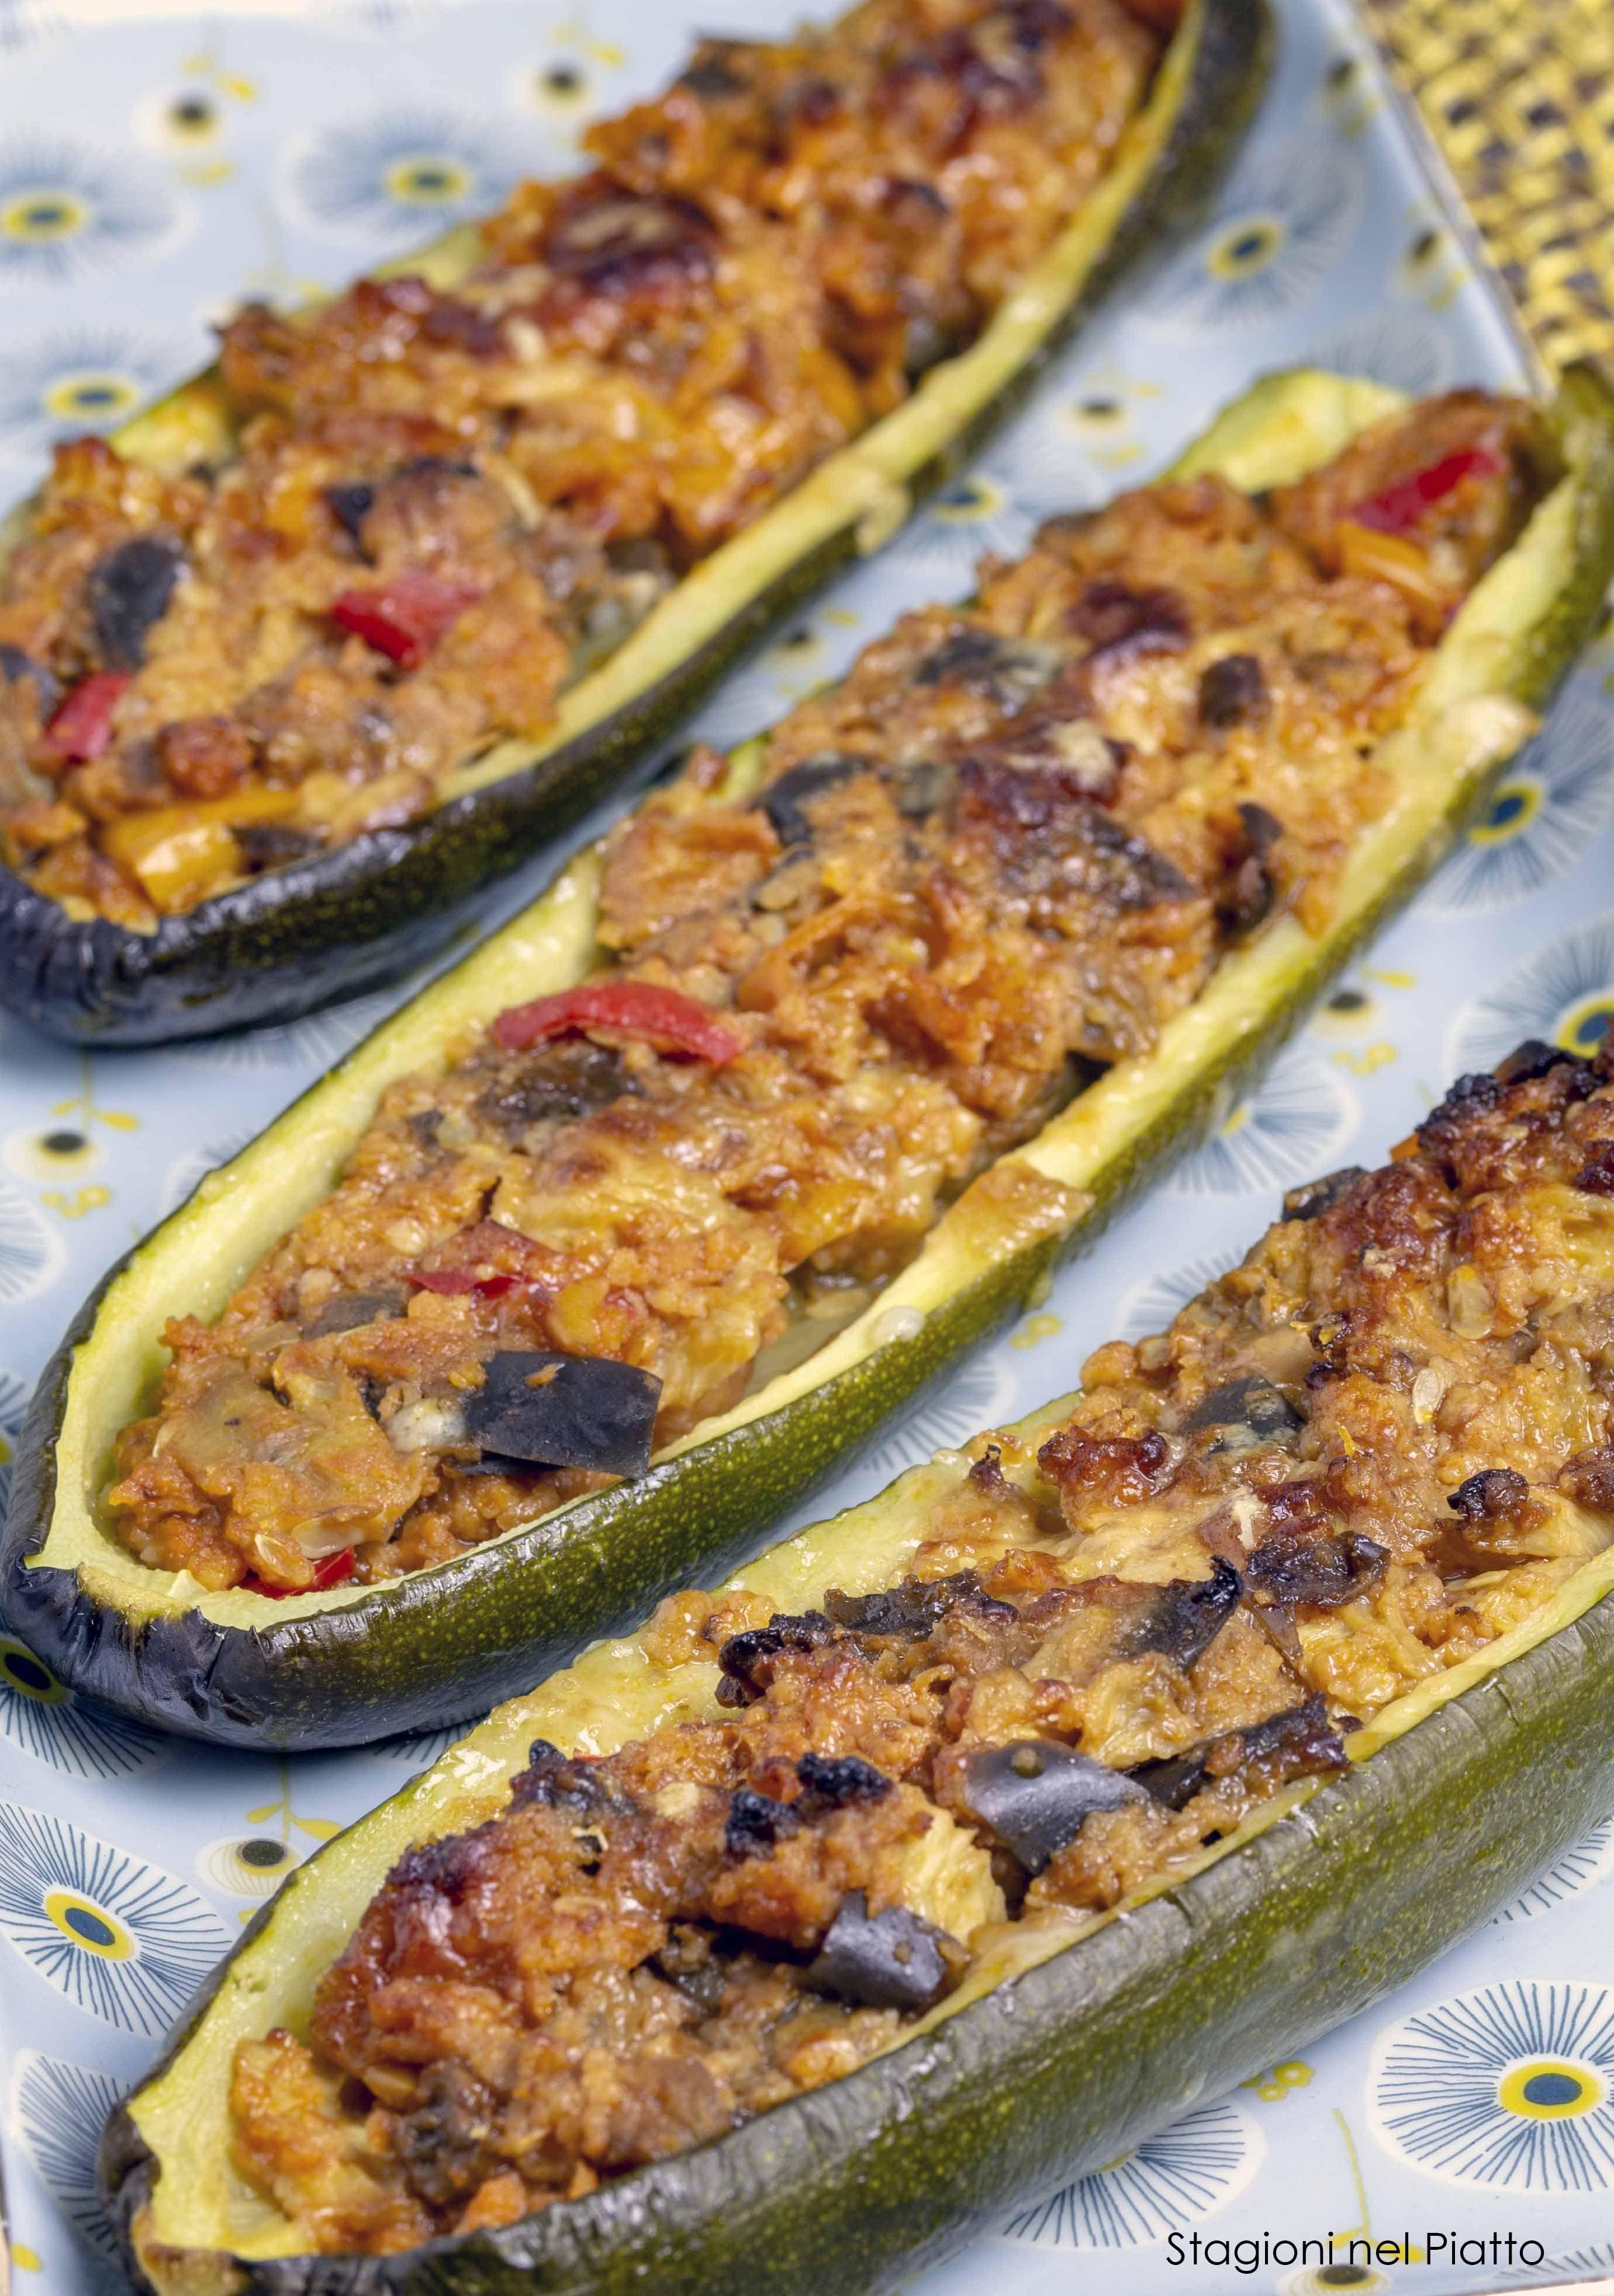 225231656f71cbcfaed118053a6c7a7e - Ricette Zucchini Ripieni